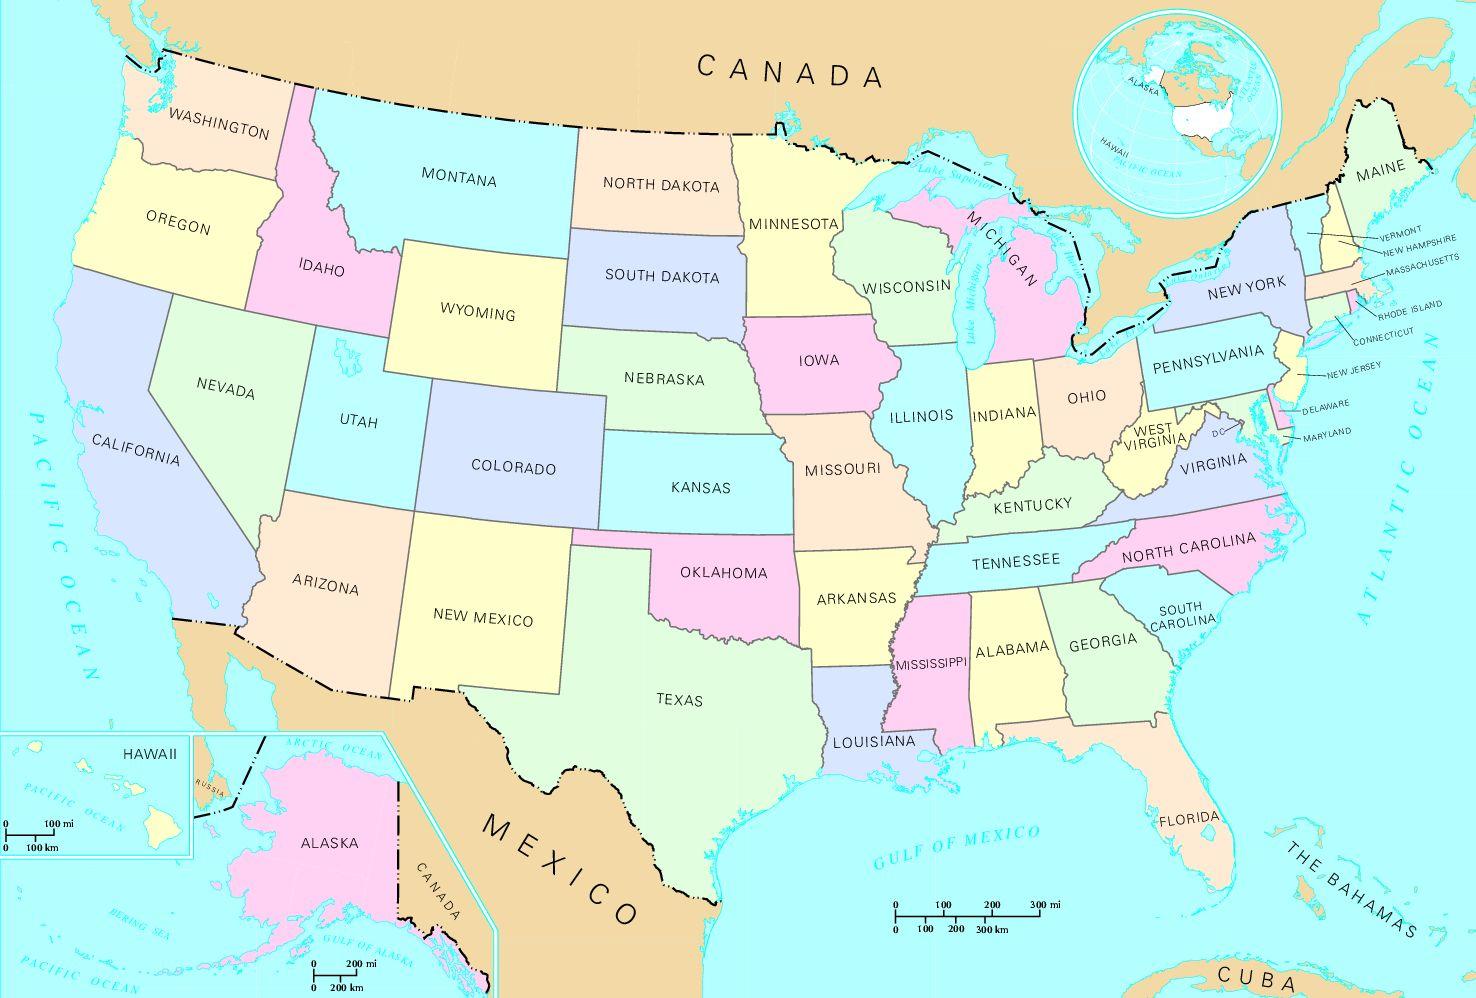 Séjours linguistiques USA : Les astuces pour choisir sa formule linguistique